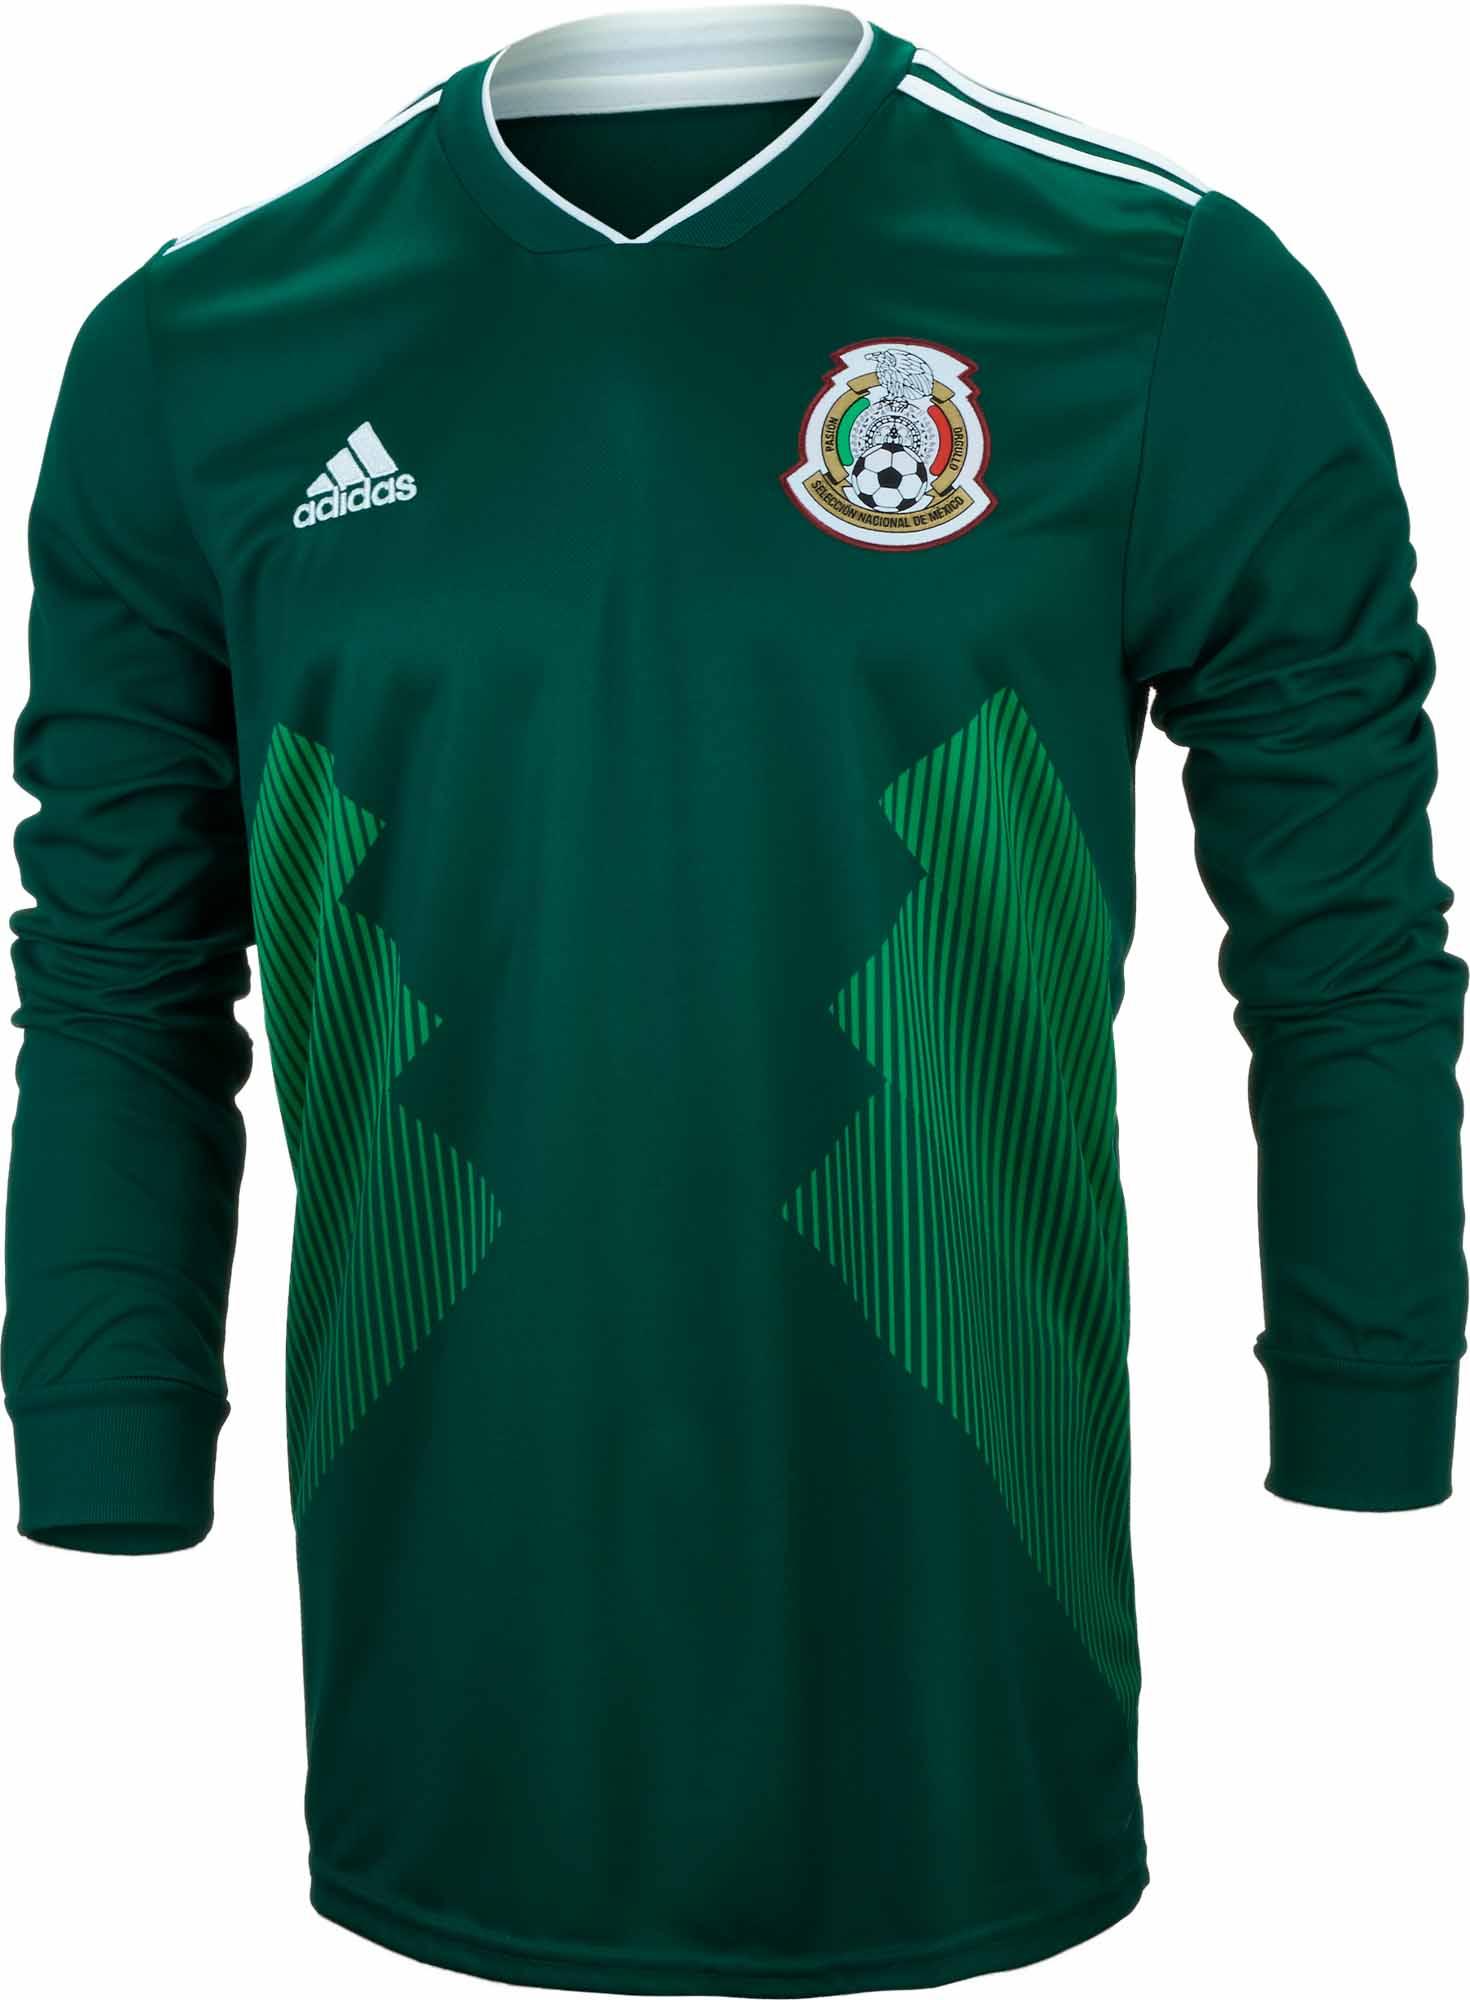 86688d4cd adidas Mexico L S Home Jersey 2018-19 - SoccerPro.com